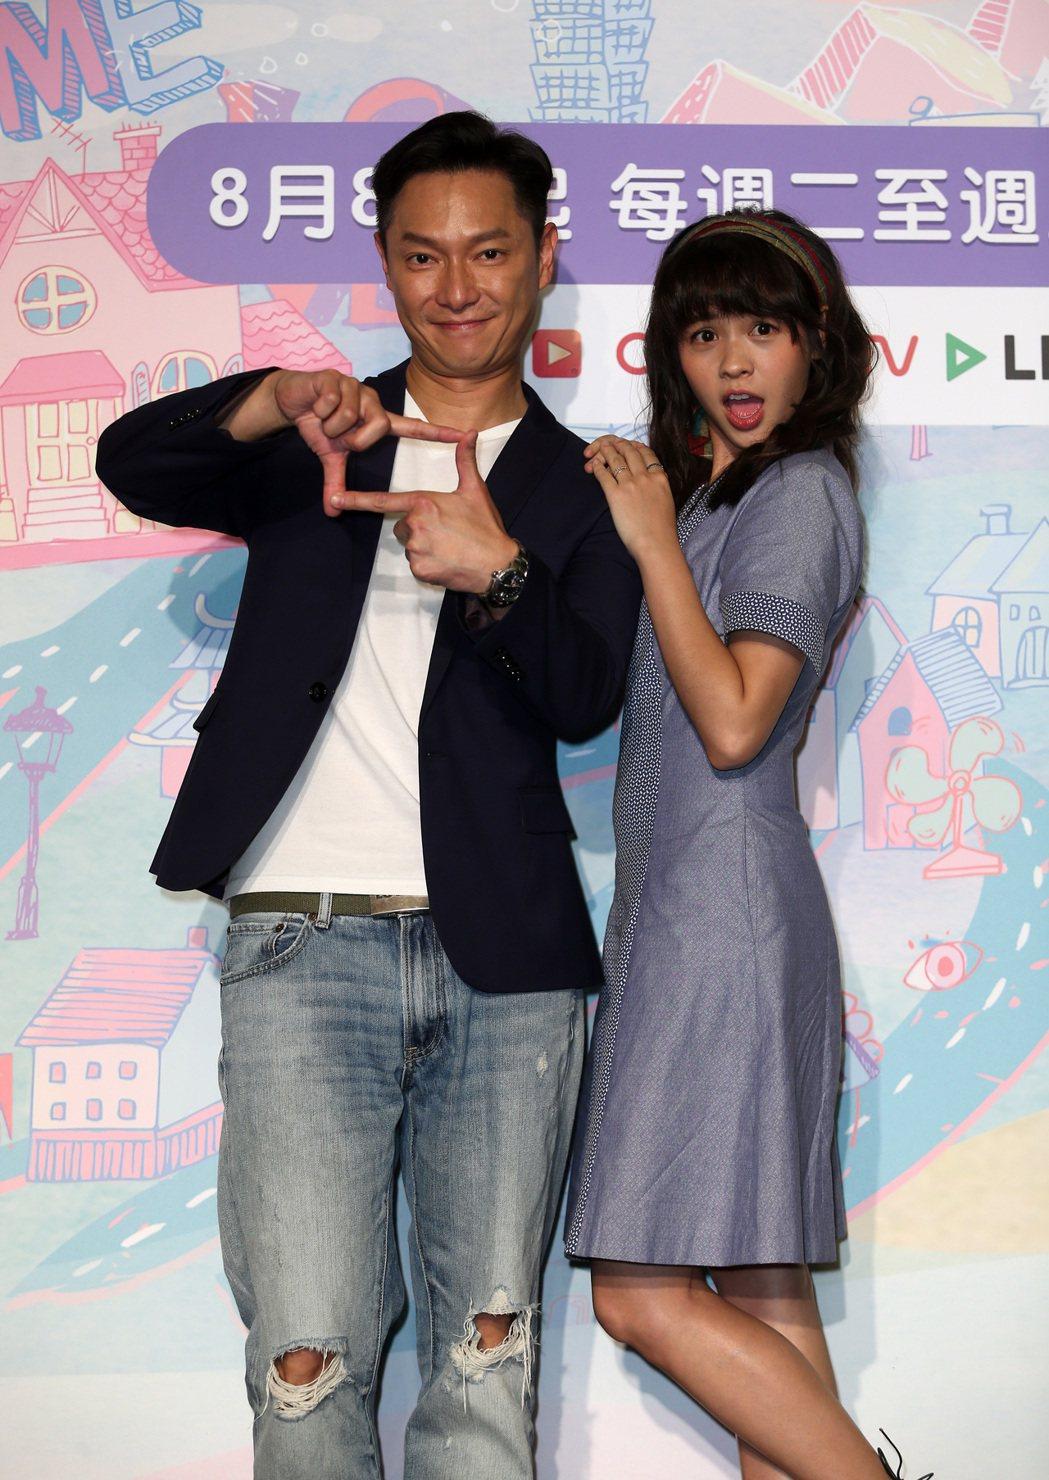 CHOCO TV自製劇《老爸上身》首映記者會,謝祖武(左)、黃姵嘉(右)等演員出